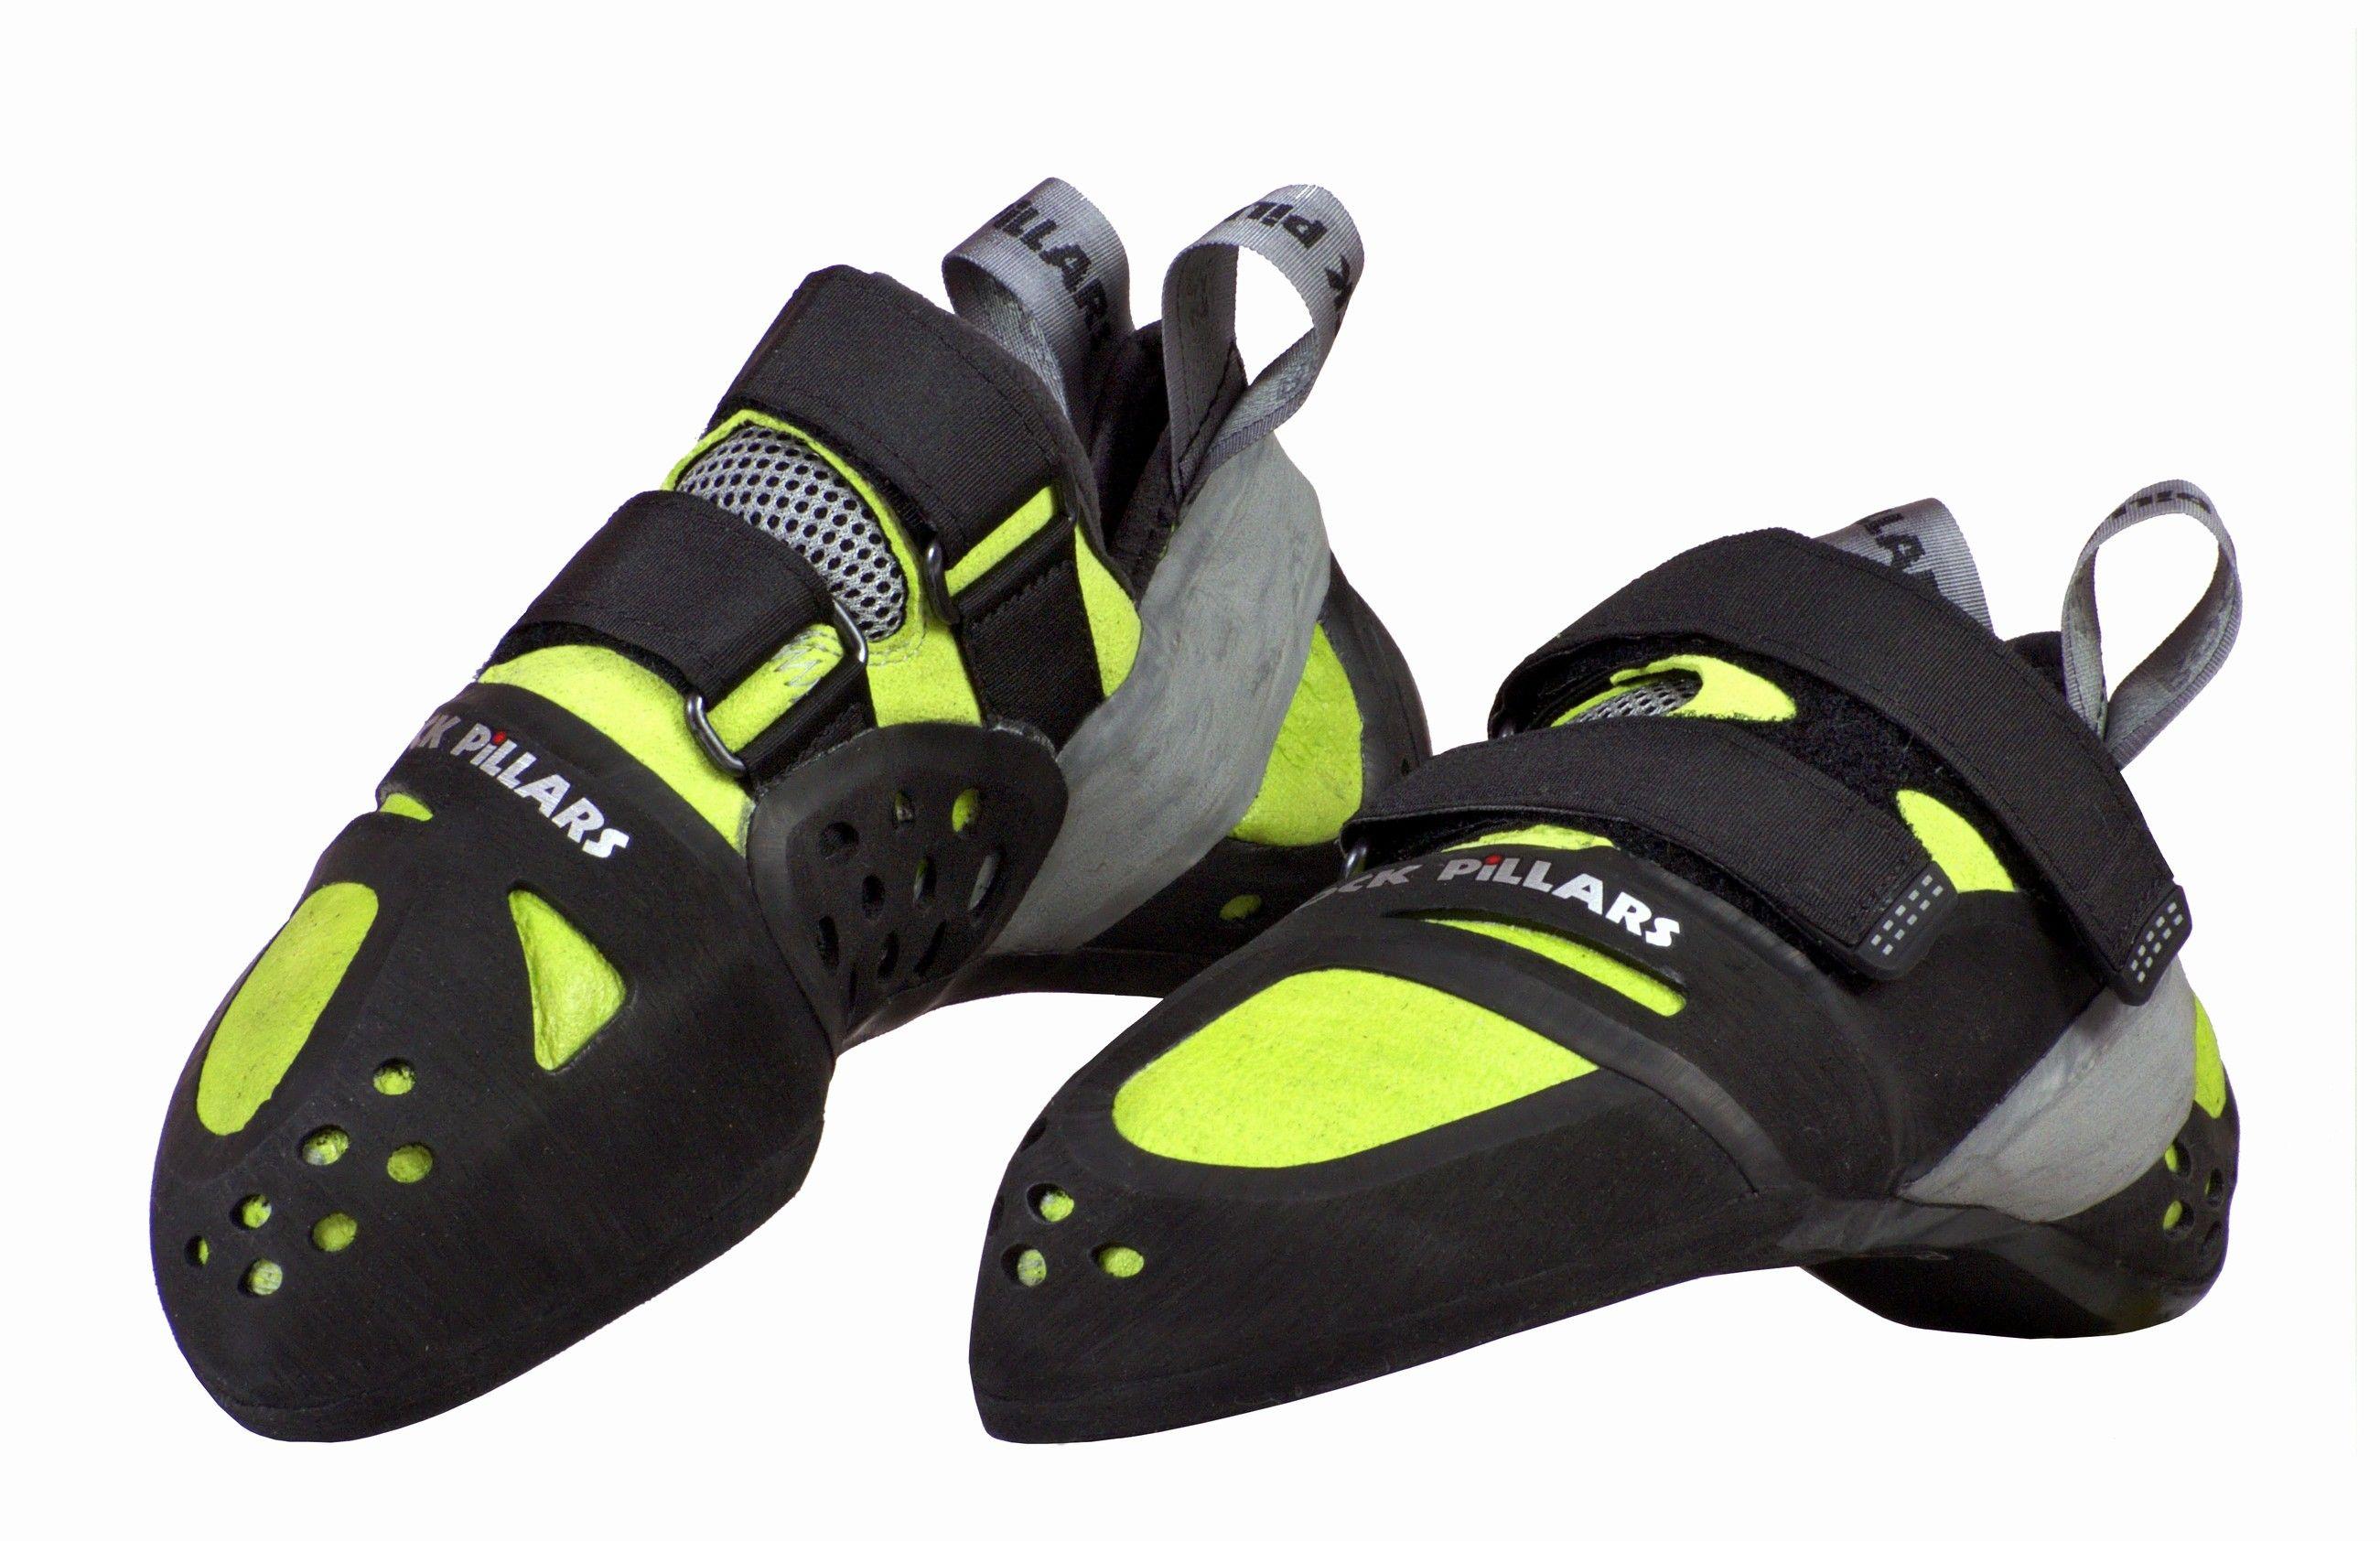 QcClimbing Shoes Pillars QcClimbing Pillars Ozone Ozone Rock Ozone Pillars Rock Rock Shoes qMpSUzV